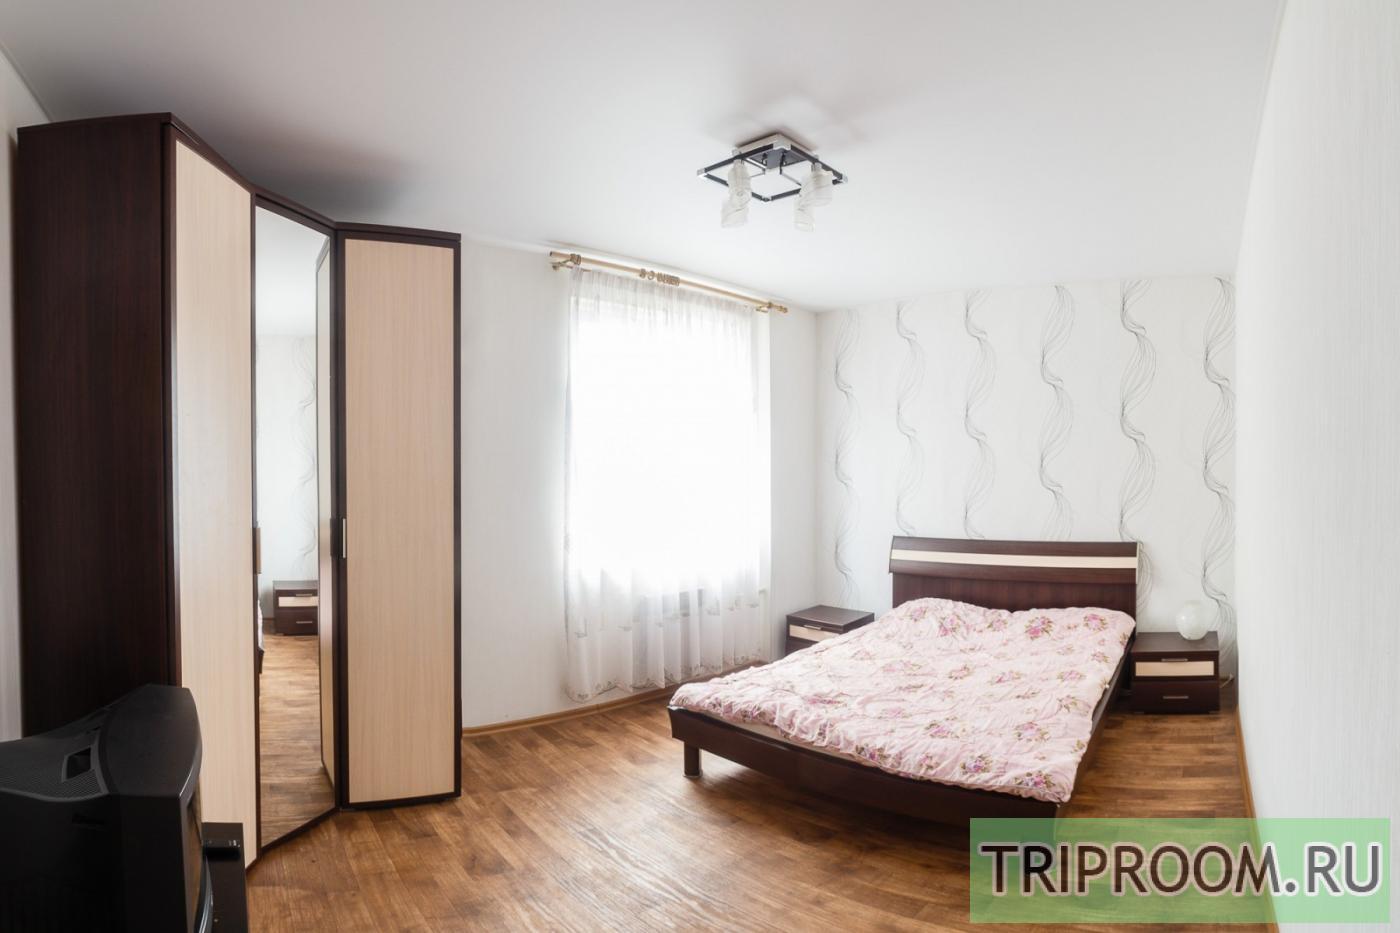 2-комнатная квартира посуточно (вариант № 4976), ул. Волочаевская улица, фото № 10